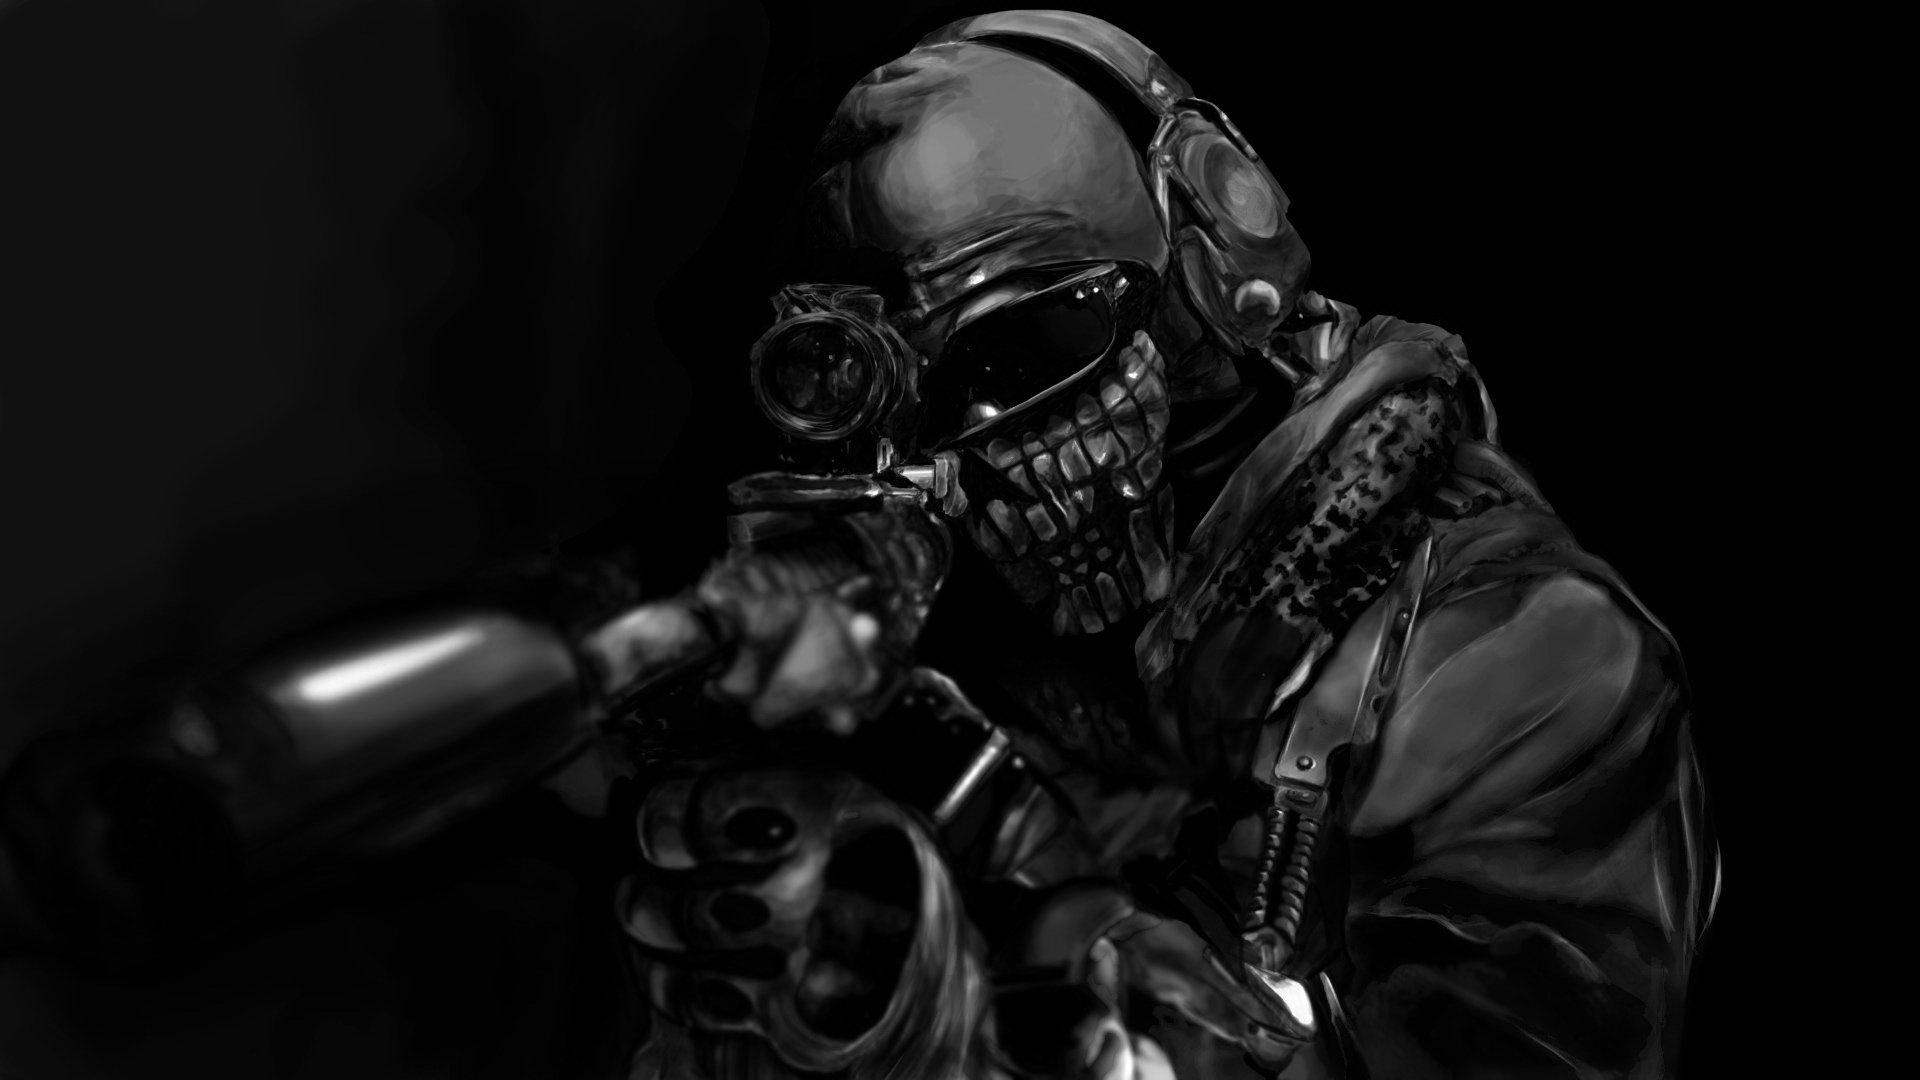 Guns Call Of Duty Wallpaper Image 41 Wallpaper WallpaperLepi 1920x1080